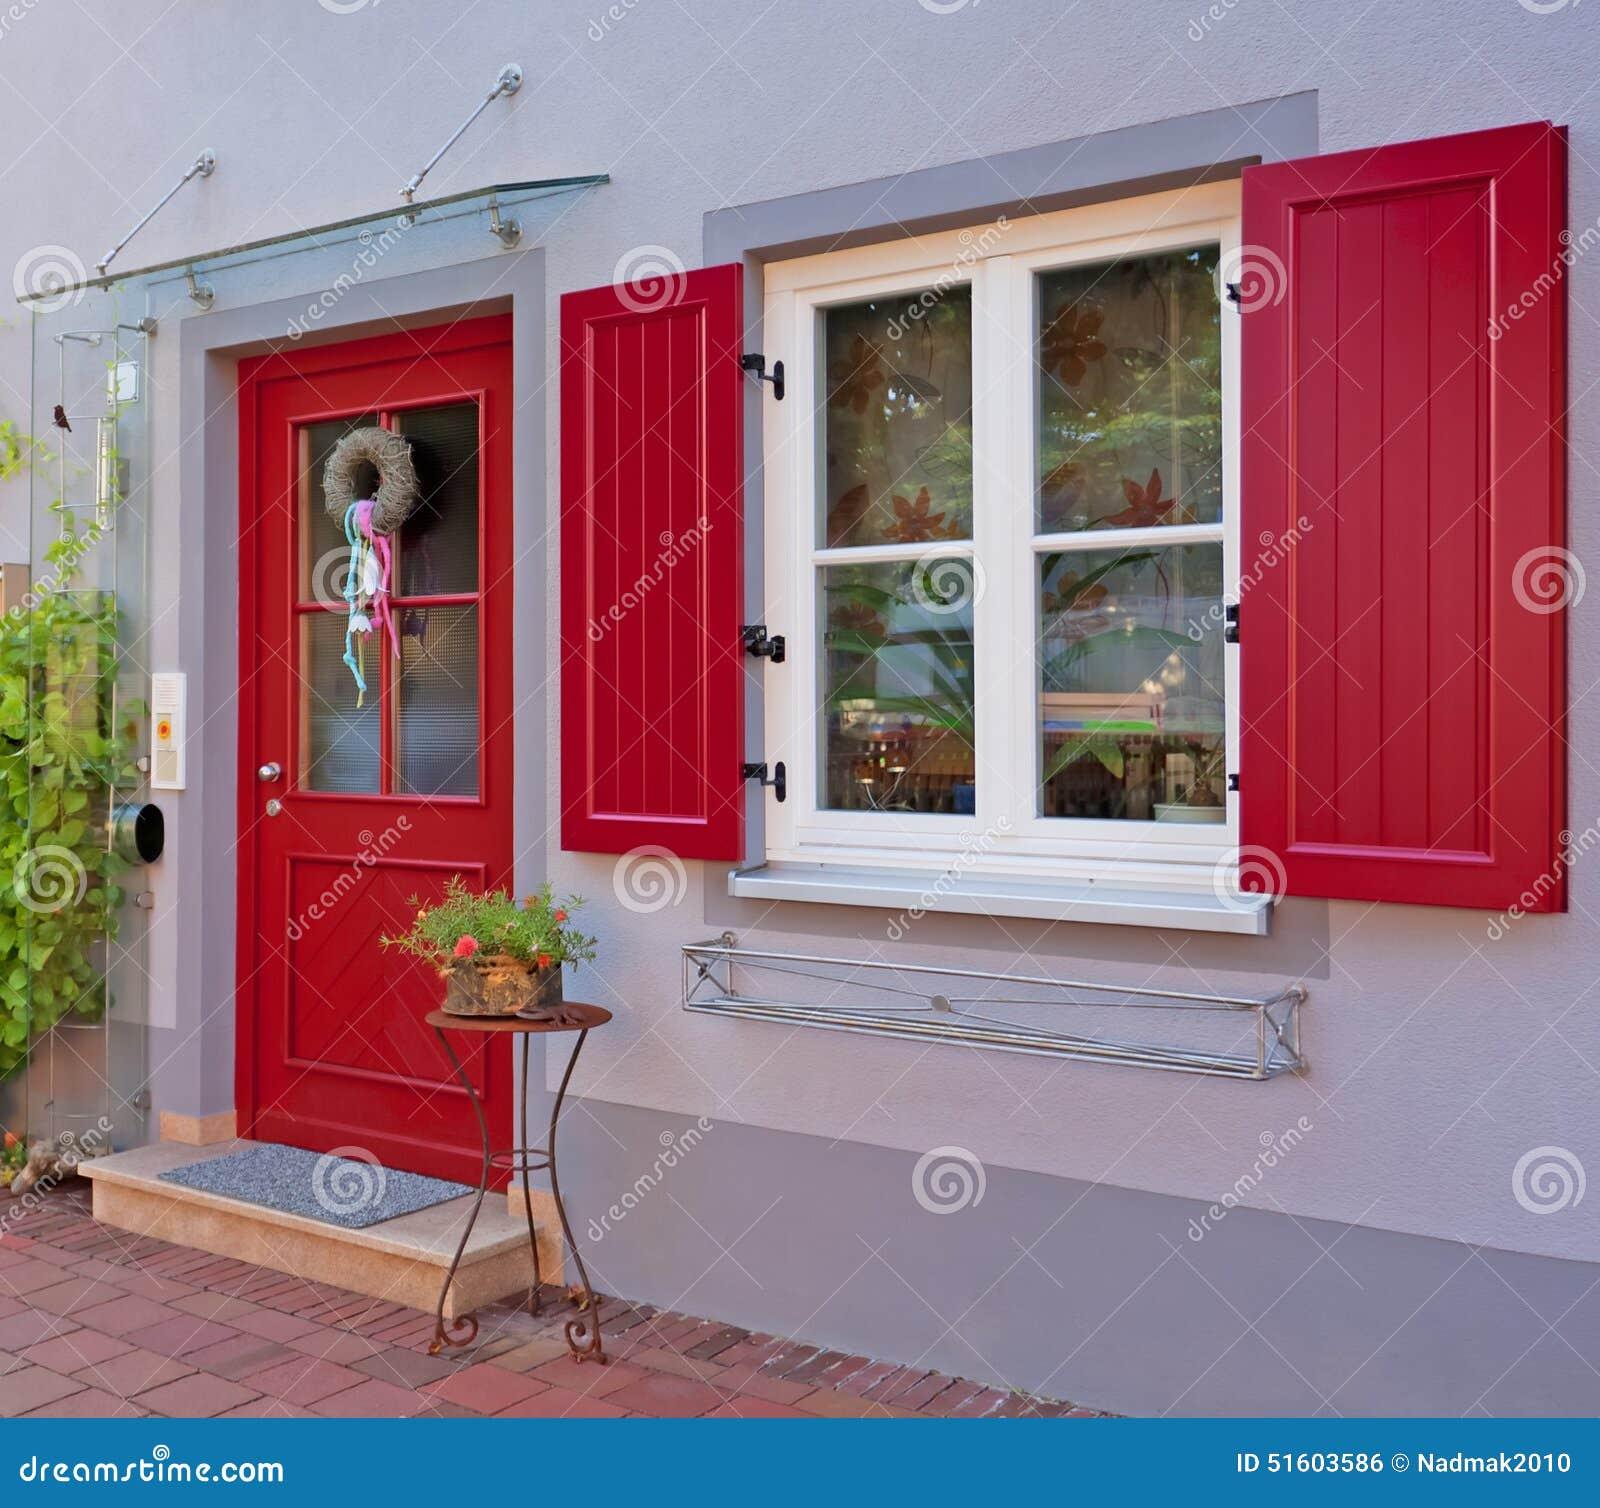 Porte D 39 Entr E Une Maison R Sidentielle Photo Stock Image 51603586